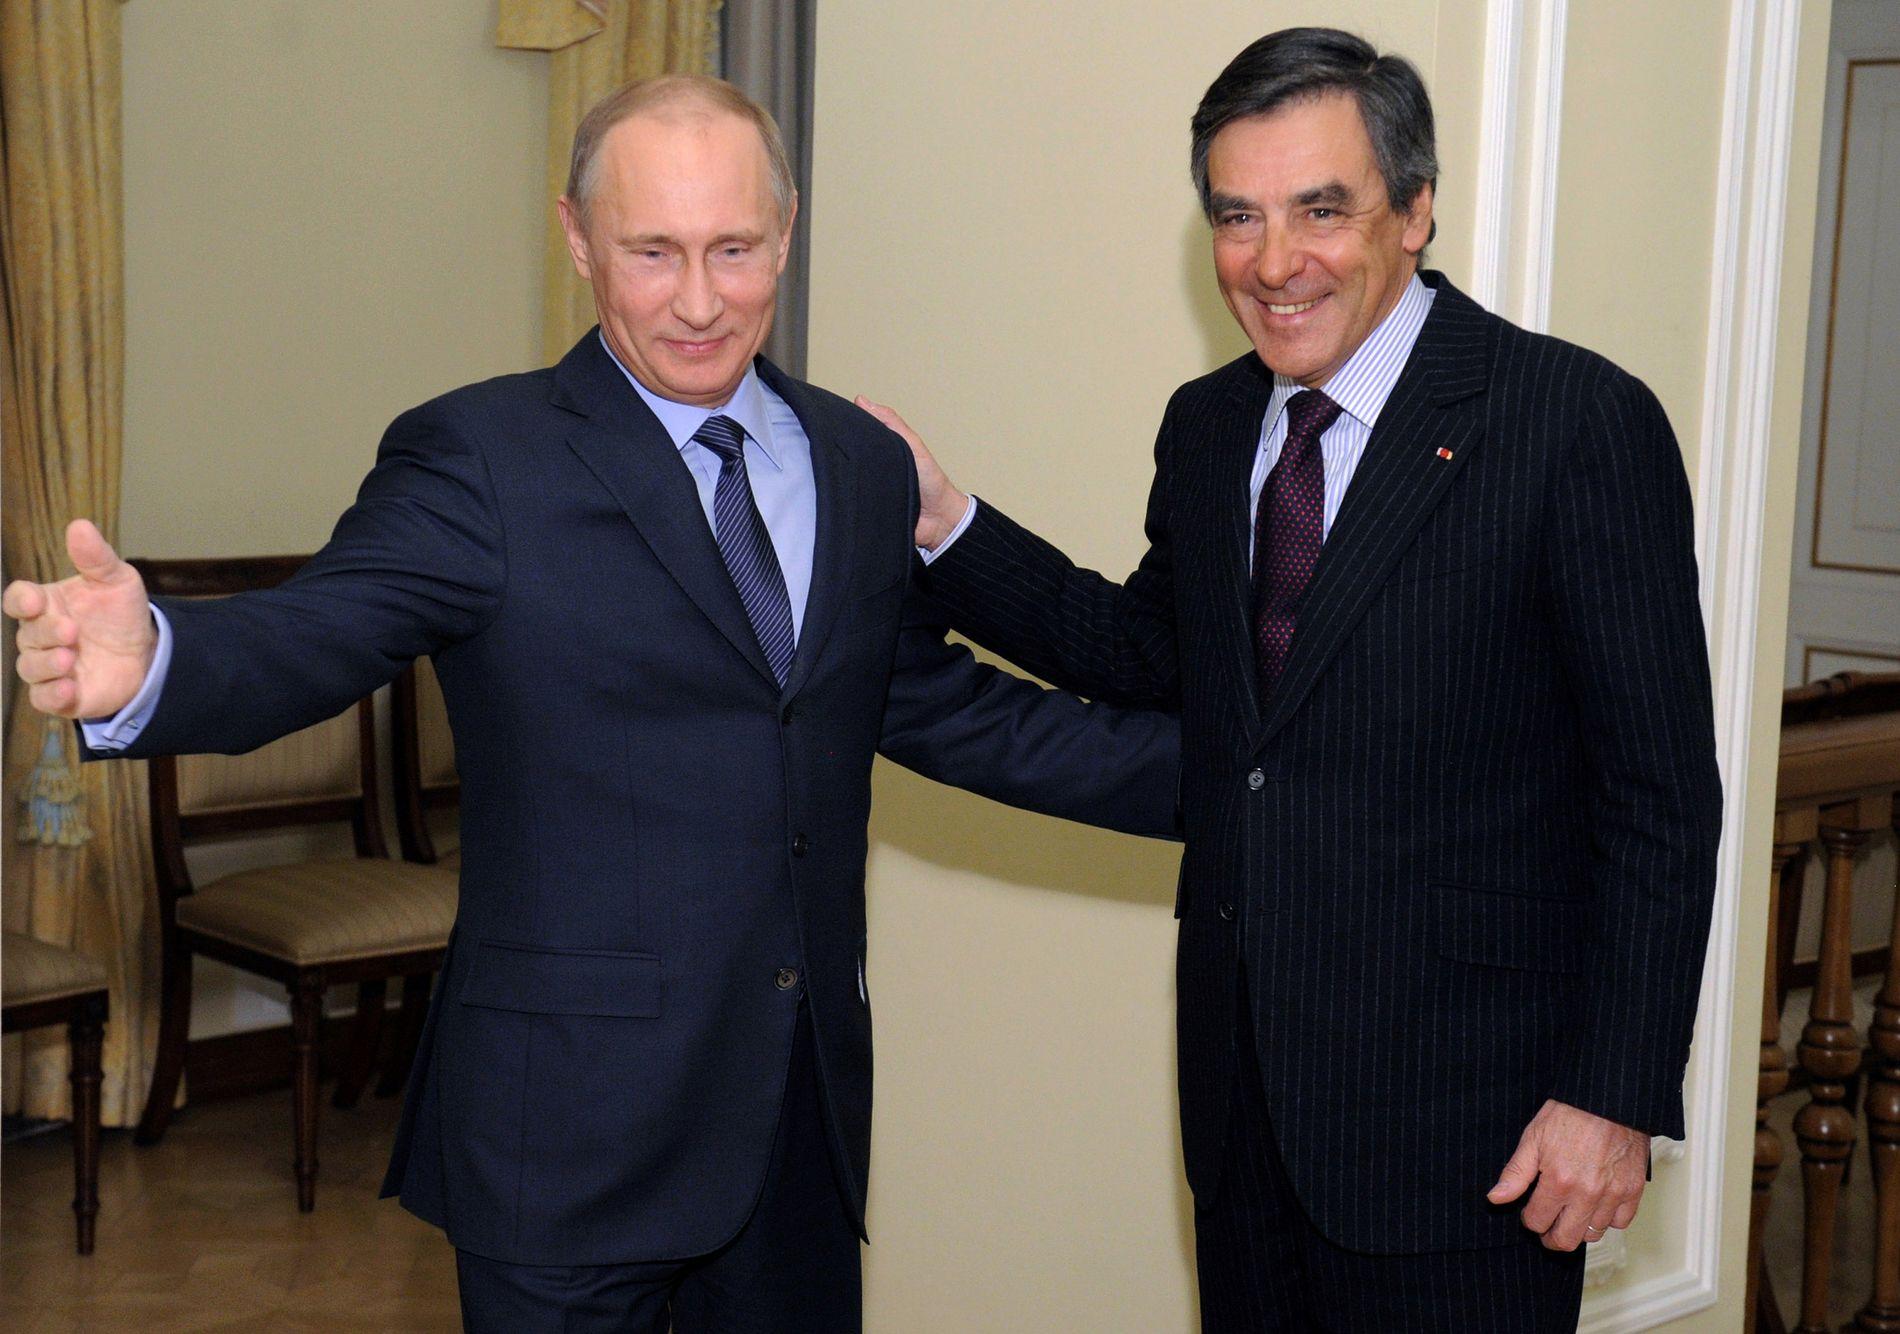 HAR BLITT VENNER: Vladimir Putin og François Fillon har utviklet et nært forhold. Fillon har tatt til orde for å få slutt på sanksjonene mot Russland.